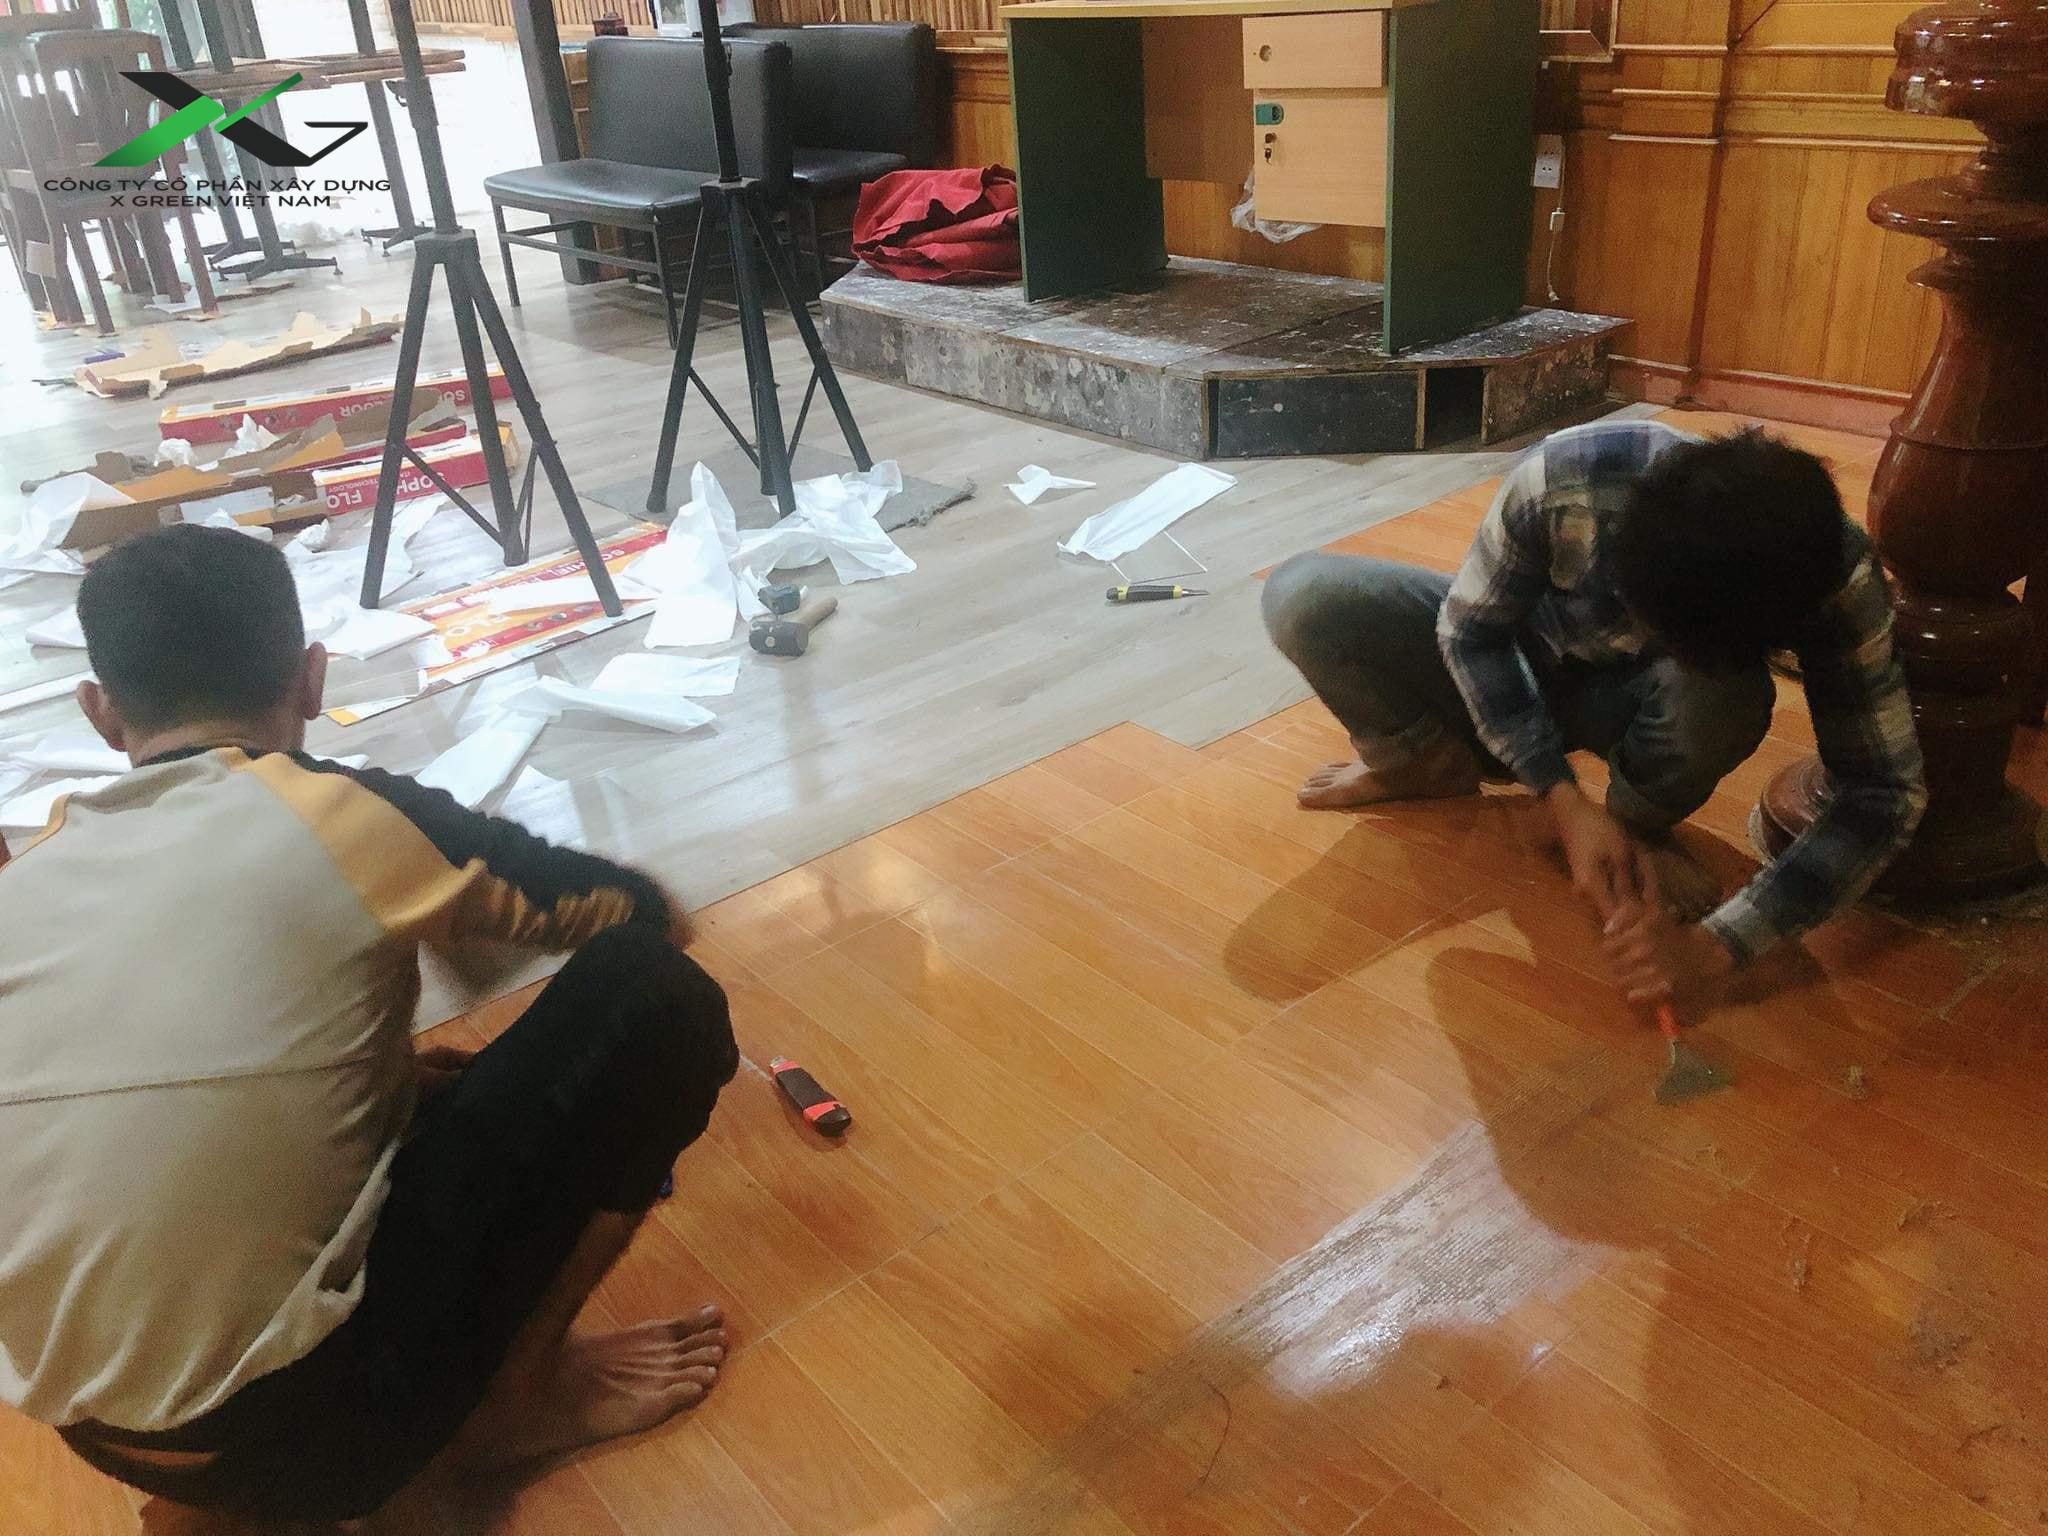 X Green Việt Nam thi công sàn nhựa dán keo đảm bảo, uy tín